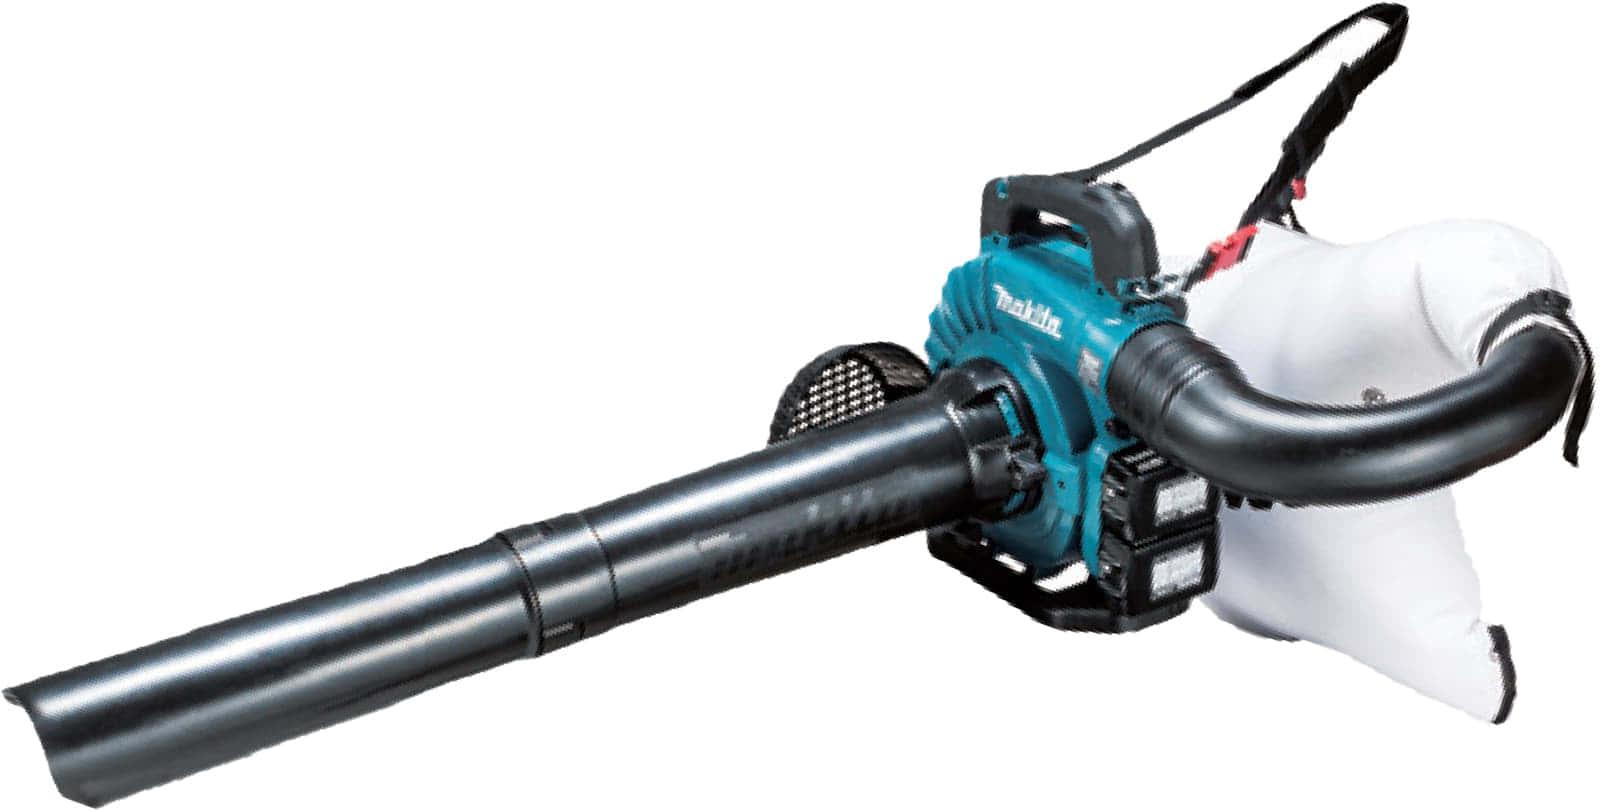 マキタ MUB363D 集じん機能を持つ充電式ブロワ、25mLエンジン以上の風量を搭載